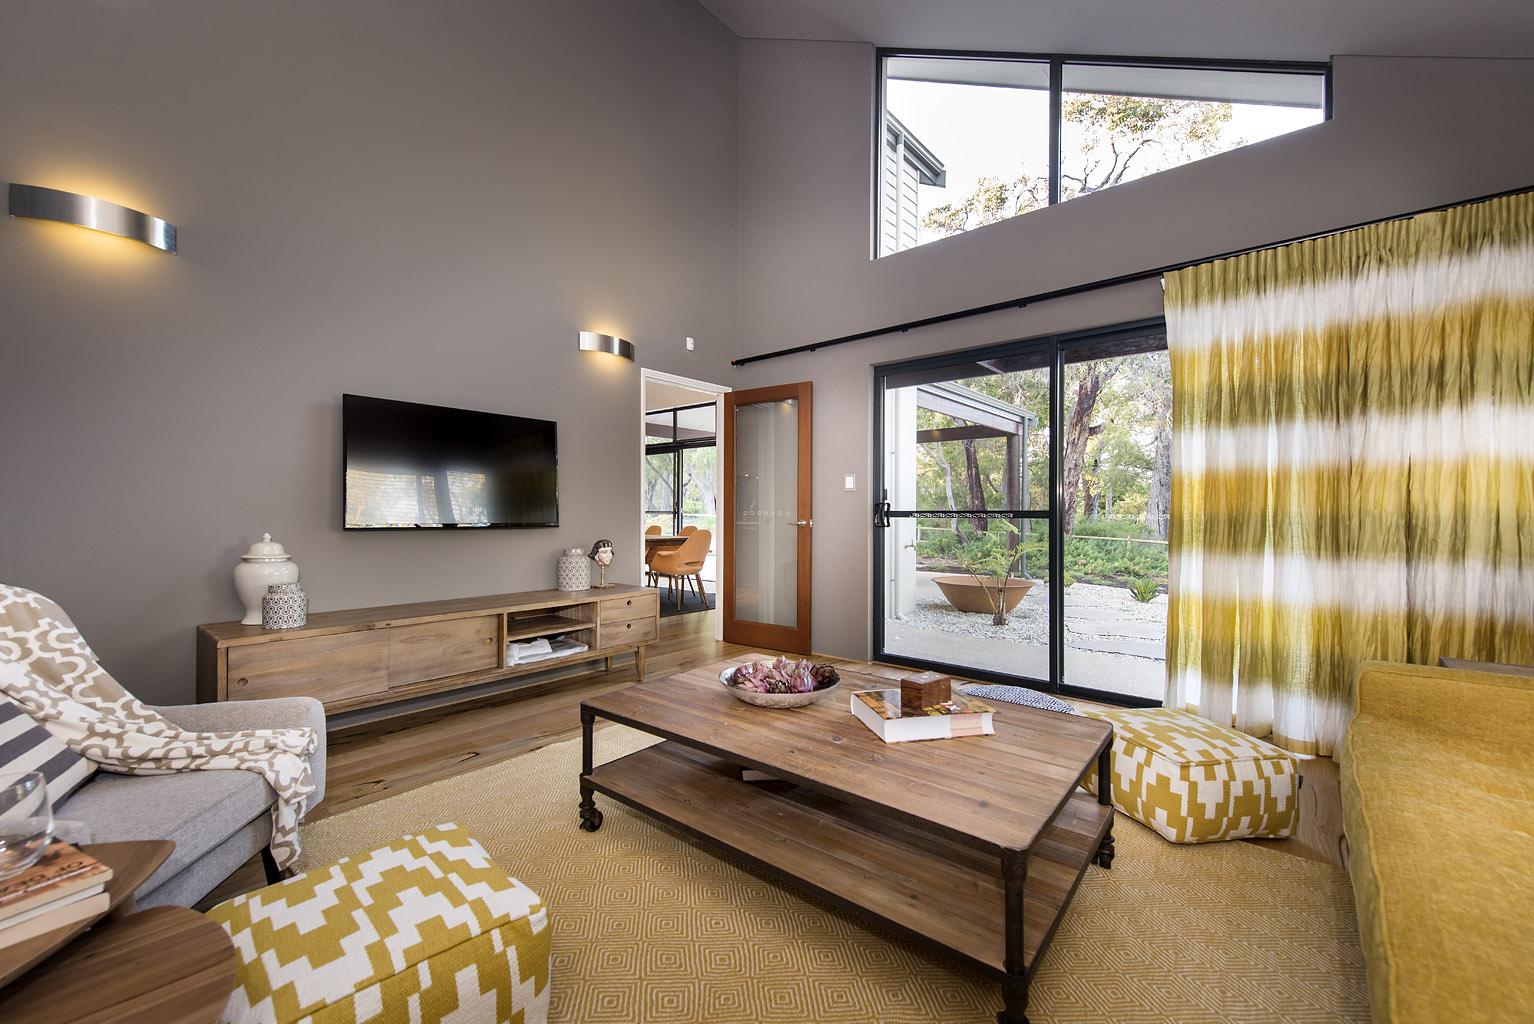 Дизайн гостинной котеджа в бежево-желтых тонах